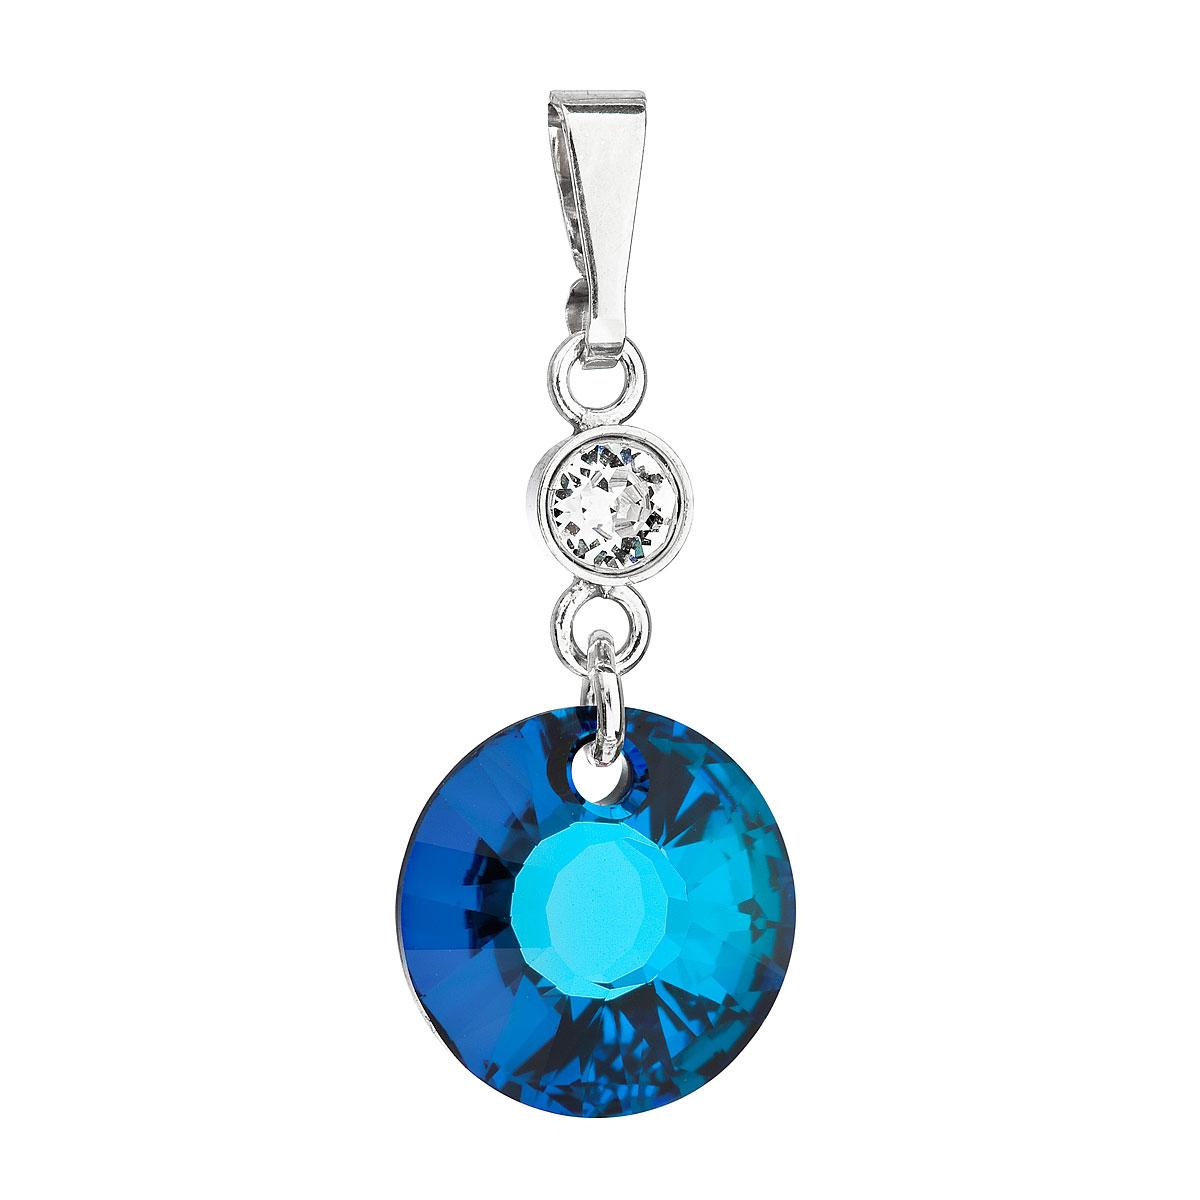 Evolution Group Stříbrný přívěsek s krystaly Swarovski modrý kulatý 34216.5